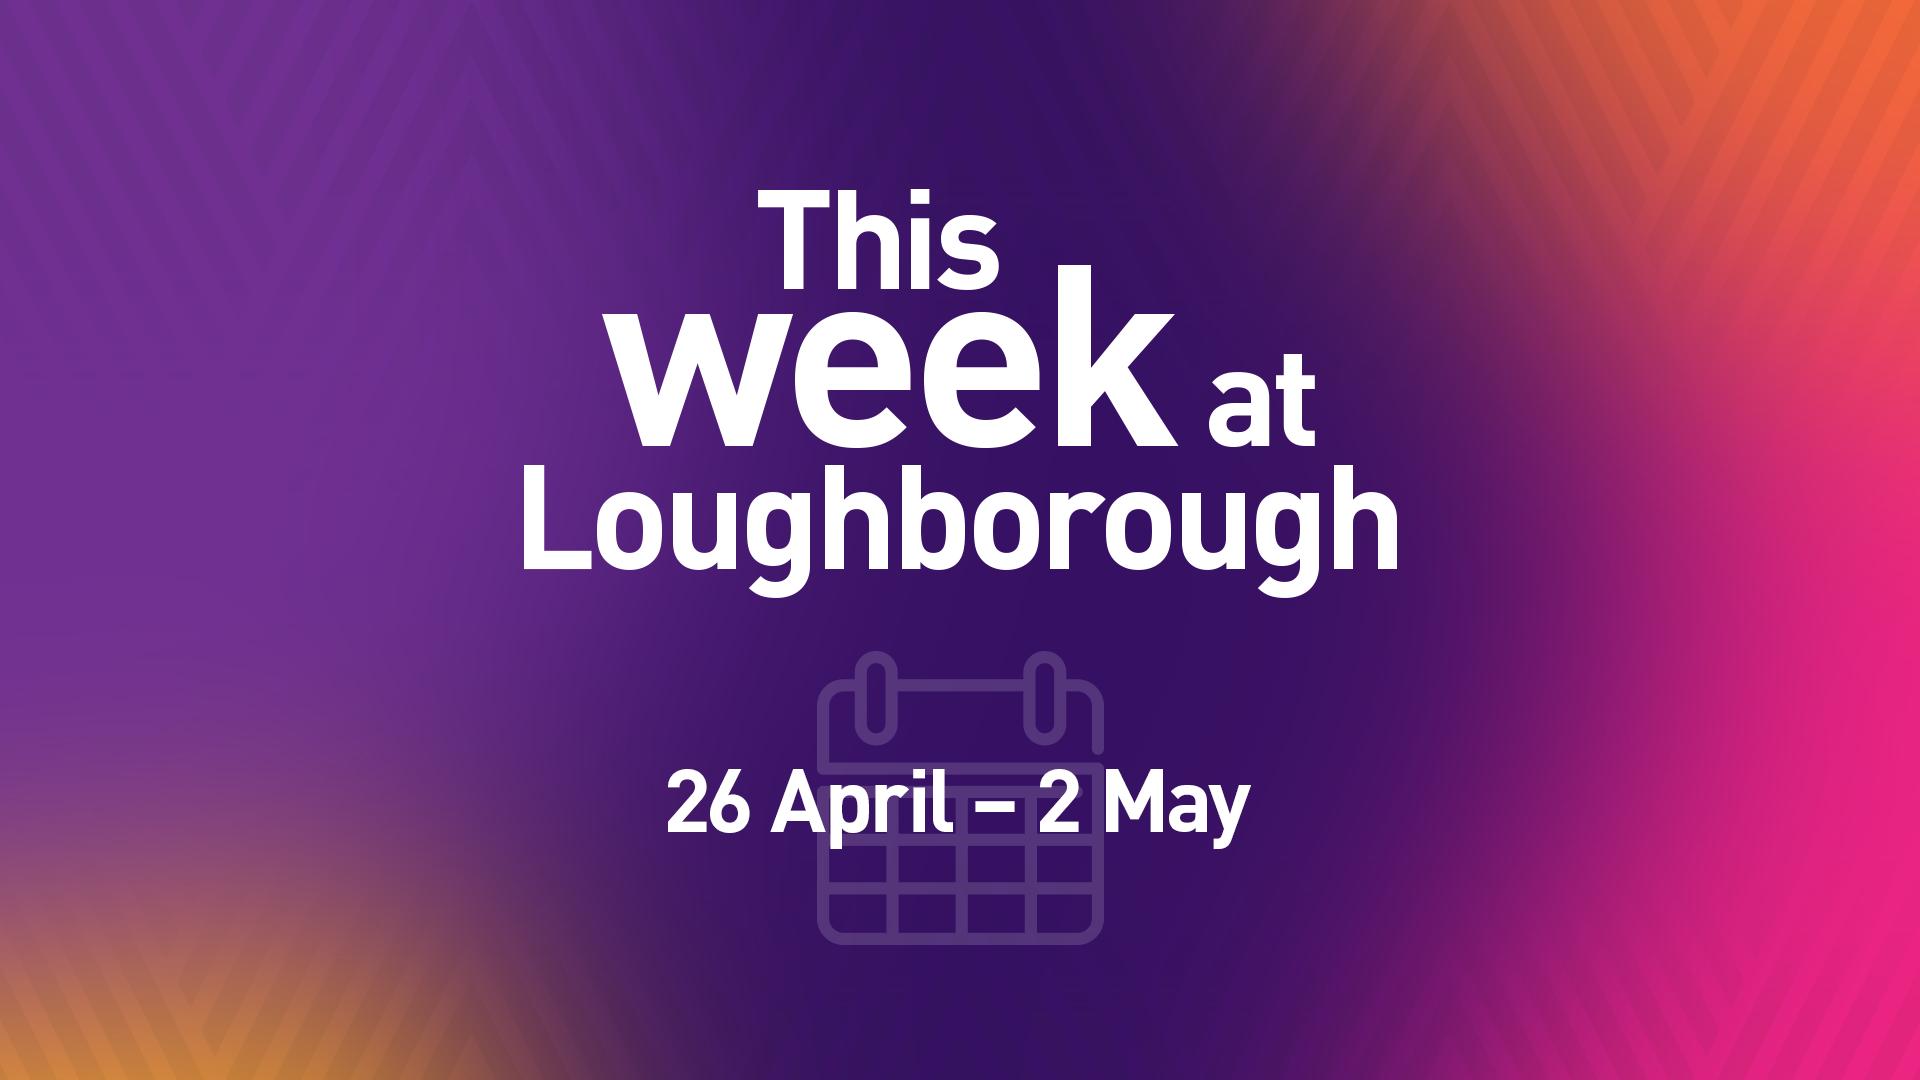 This Week at Loughborough | 26 April